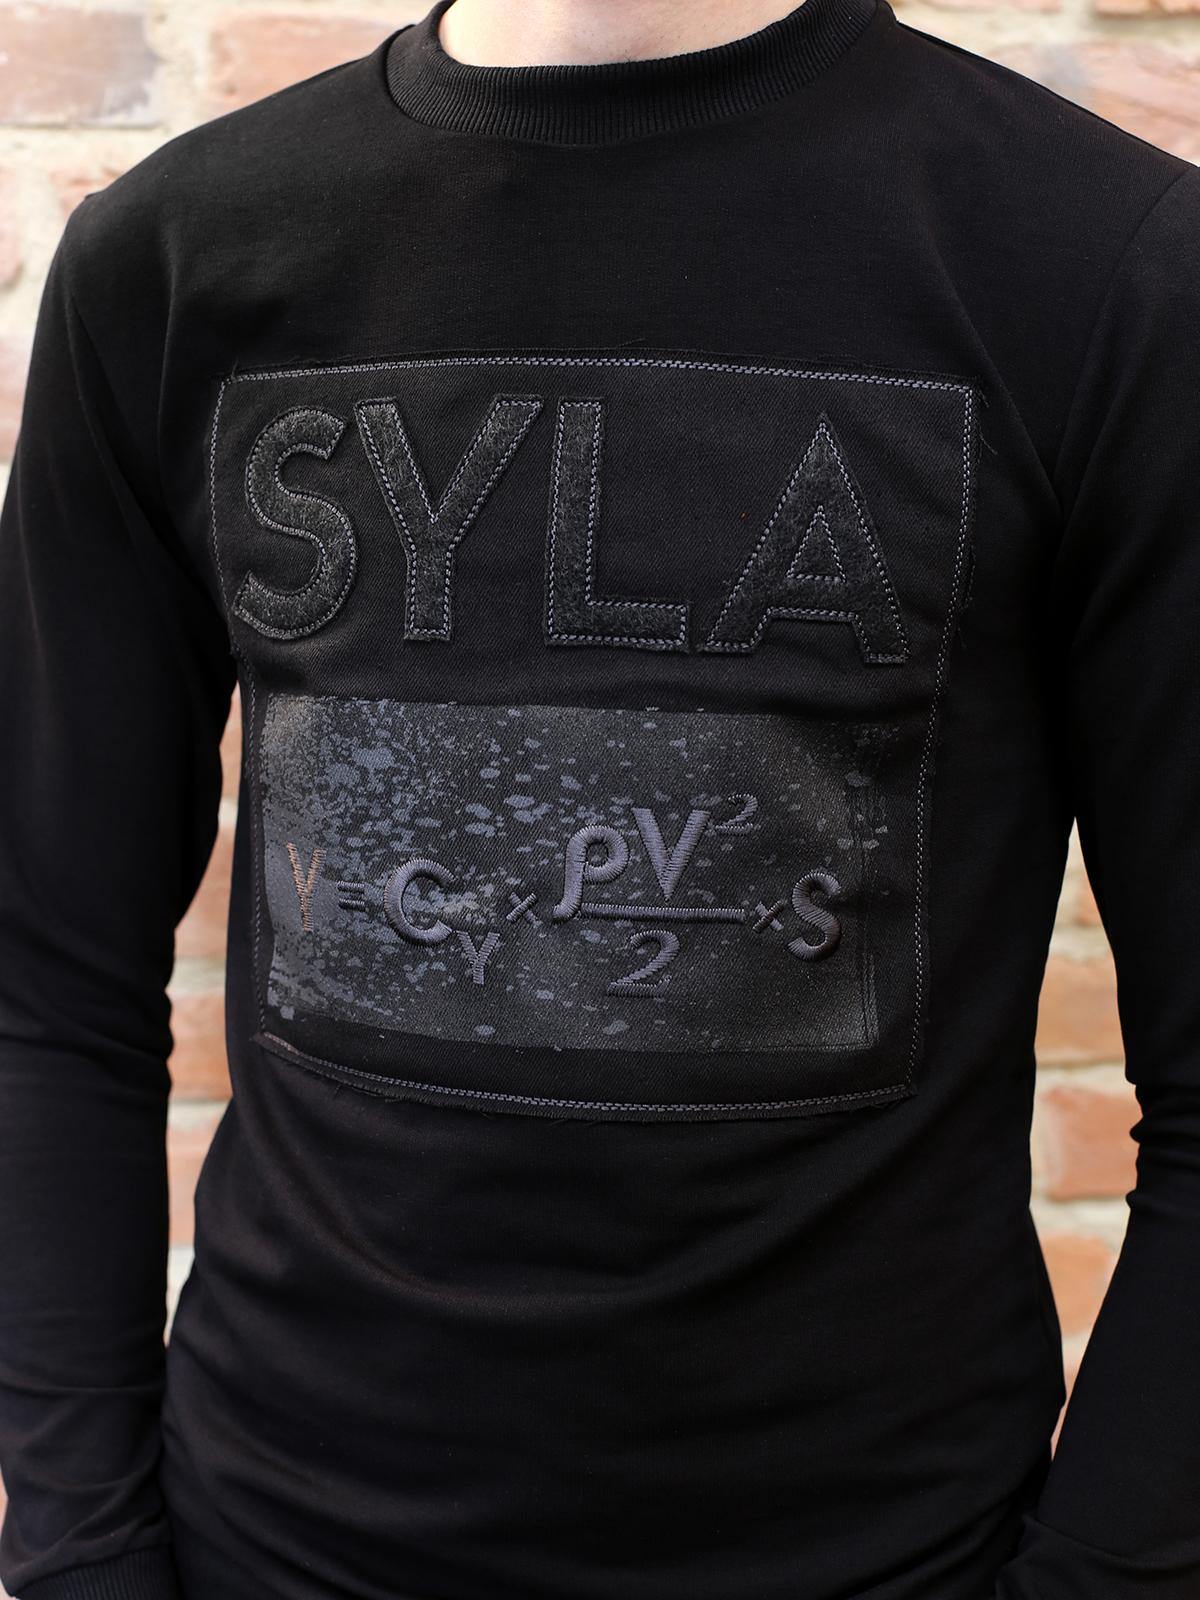 Чоловічий Лонґ-Слів Syla. Колір чорний.  Розмір на моделі: S.